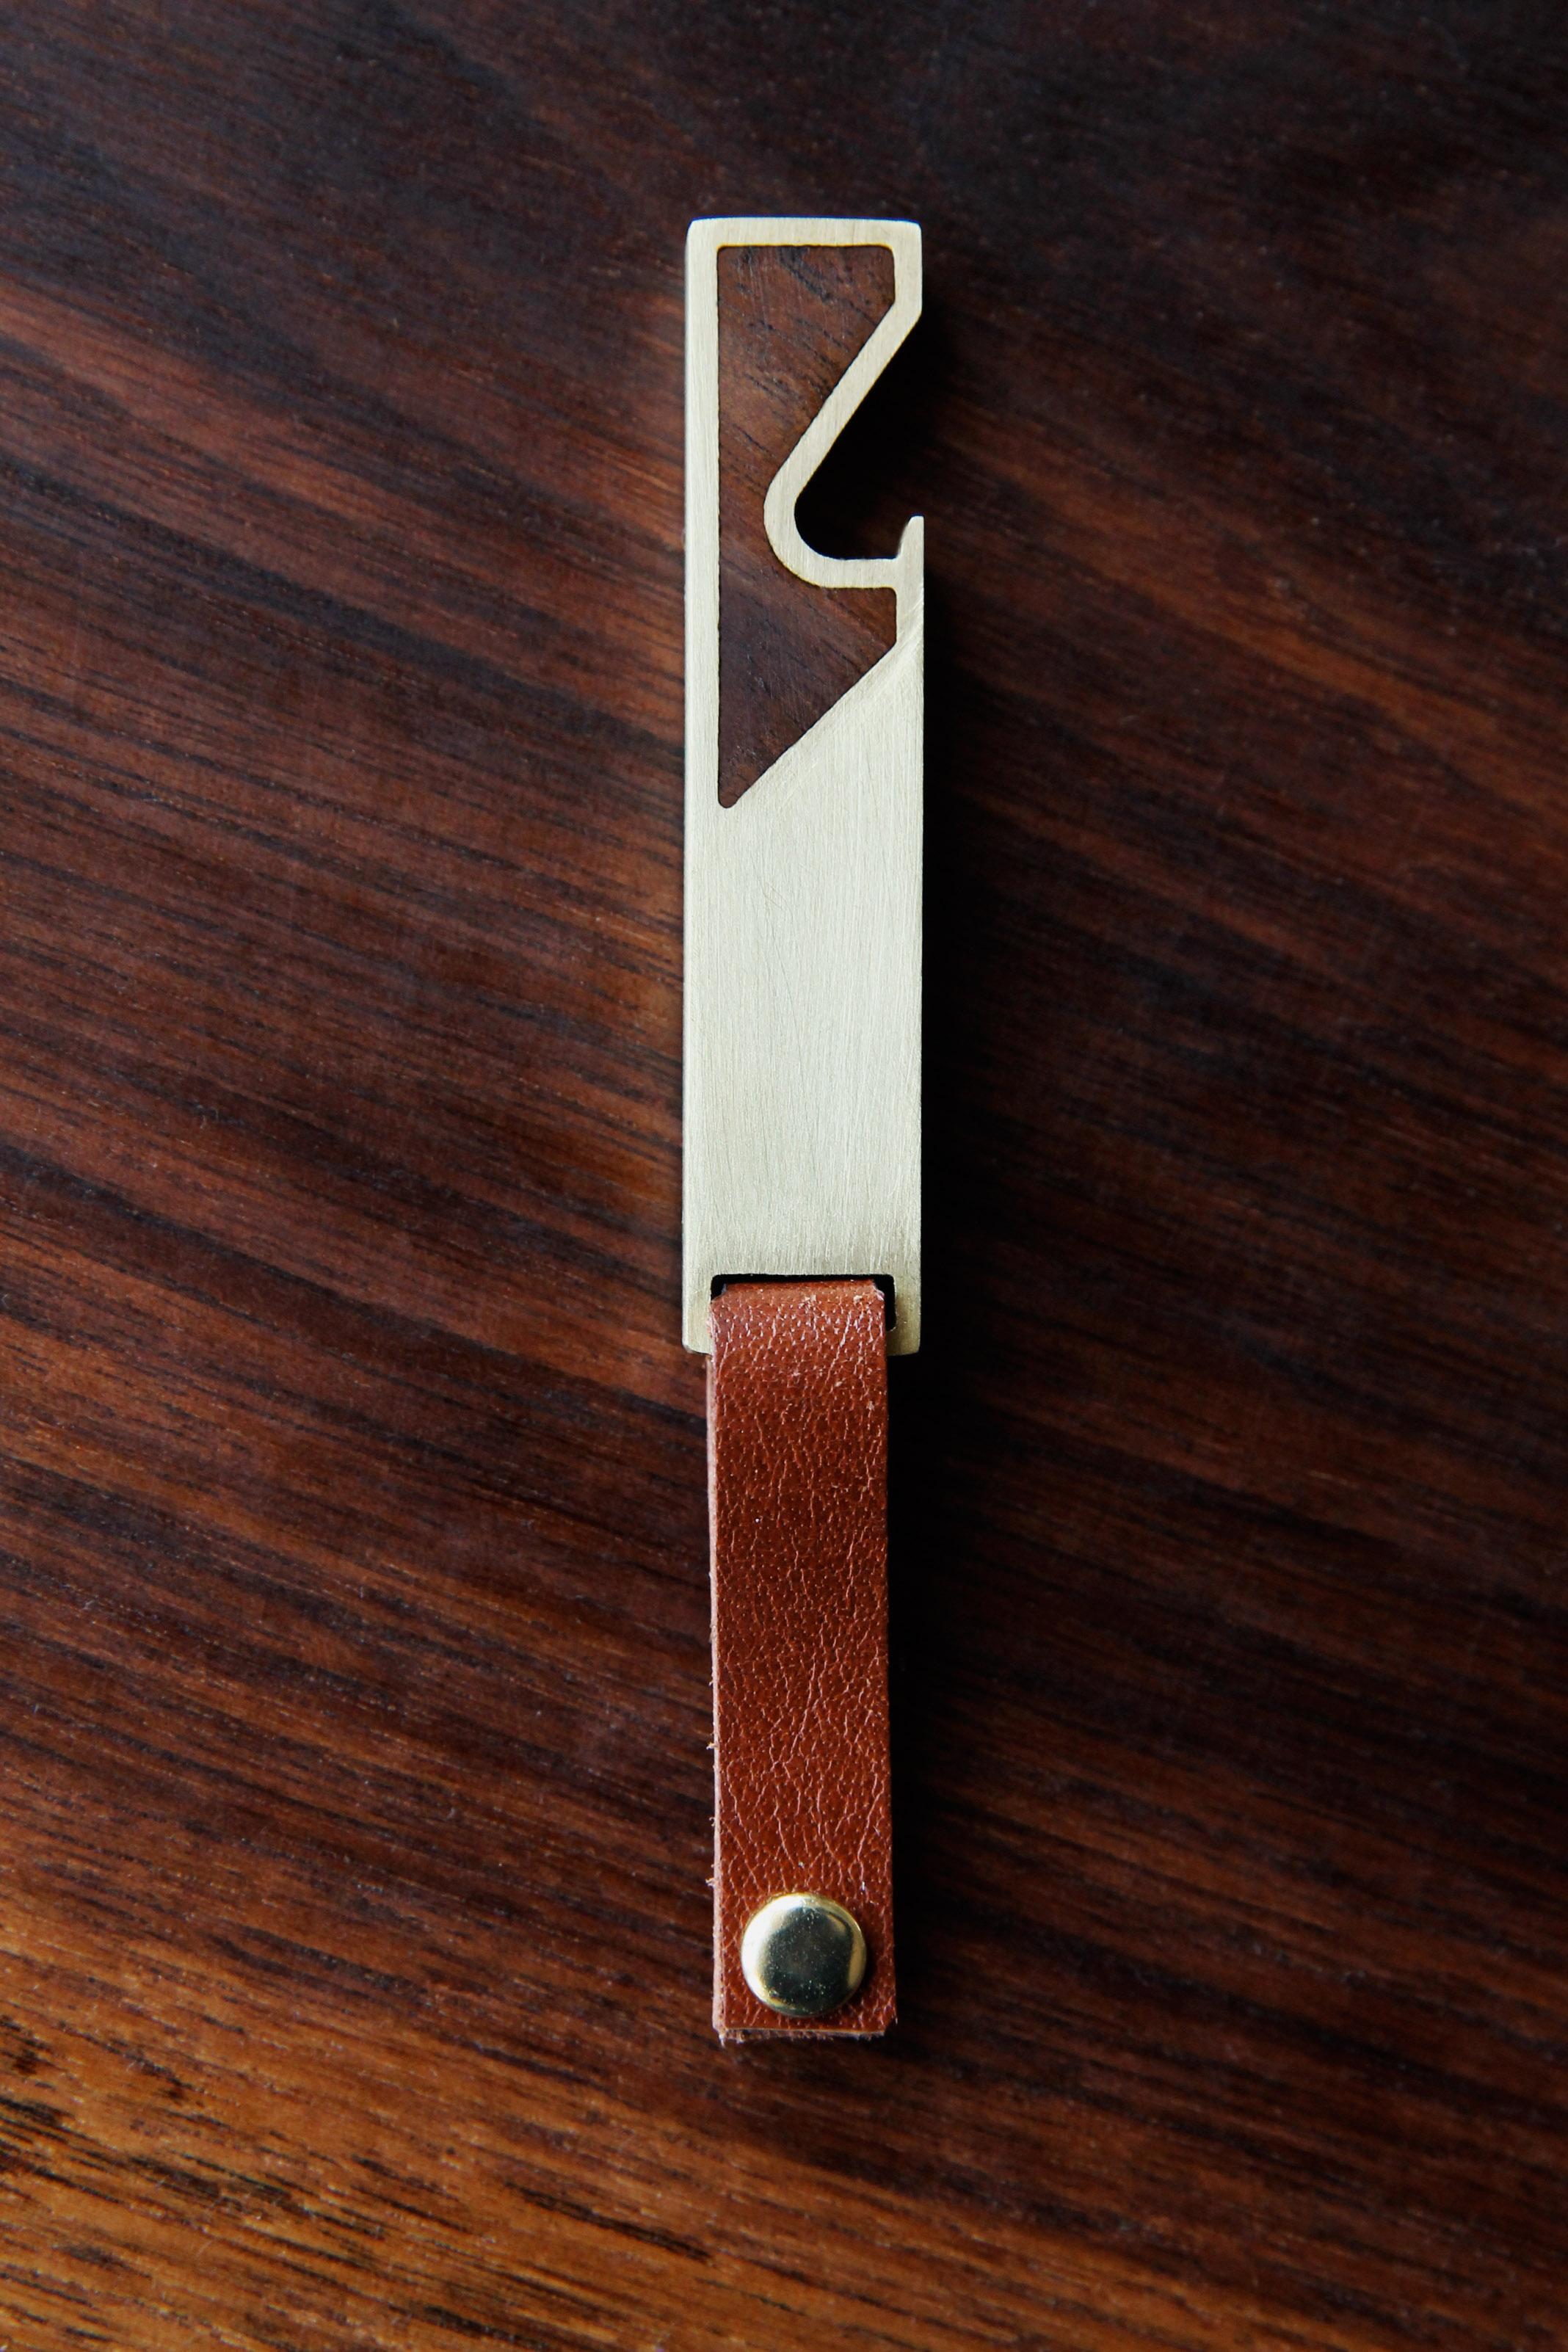 Brass & Walnut Mini Bottle Opener